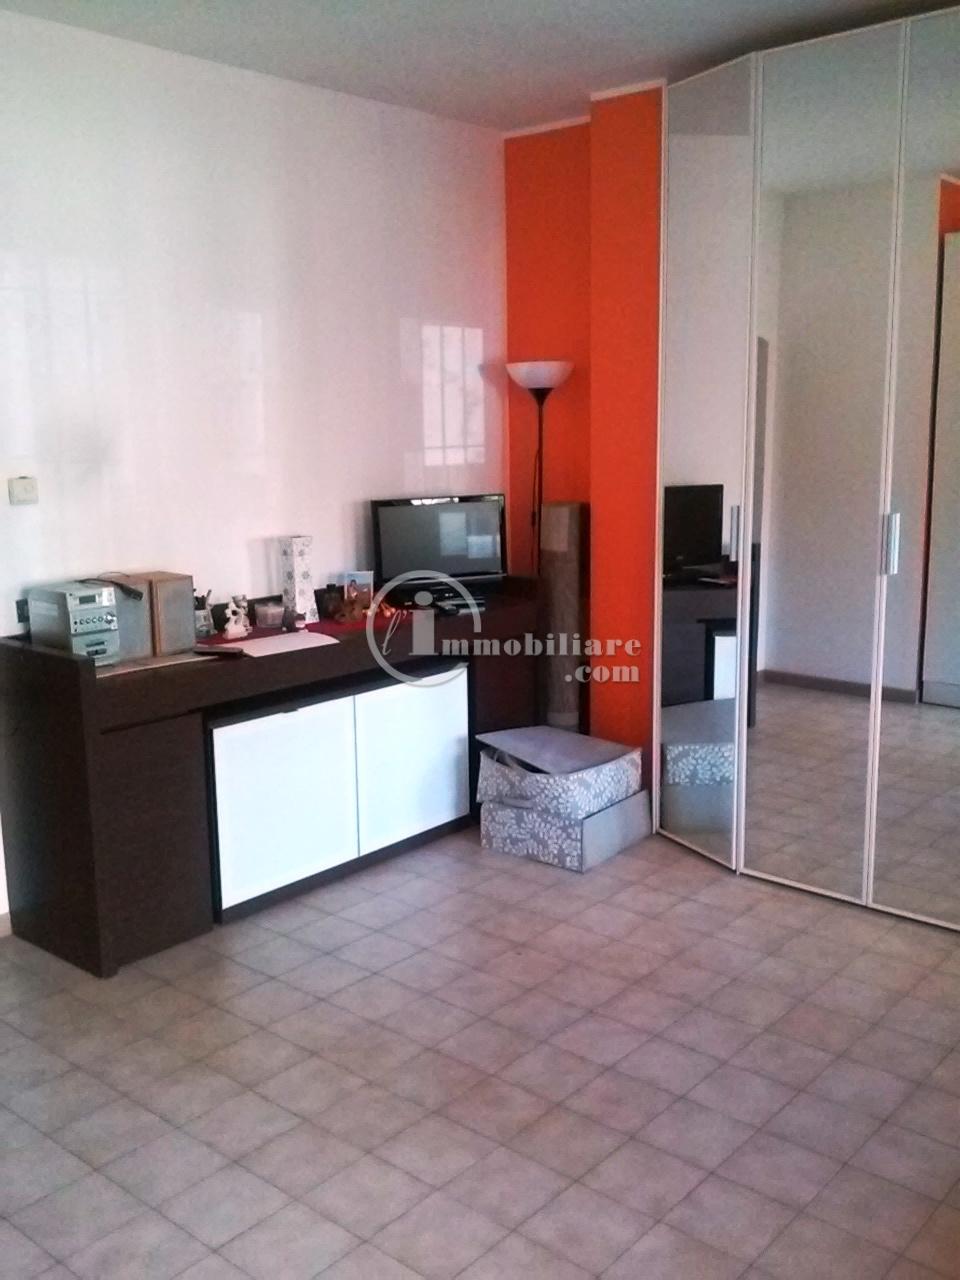 Appartamento in Vendita a Pero: 1 locali, 40 mq